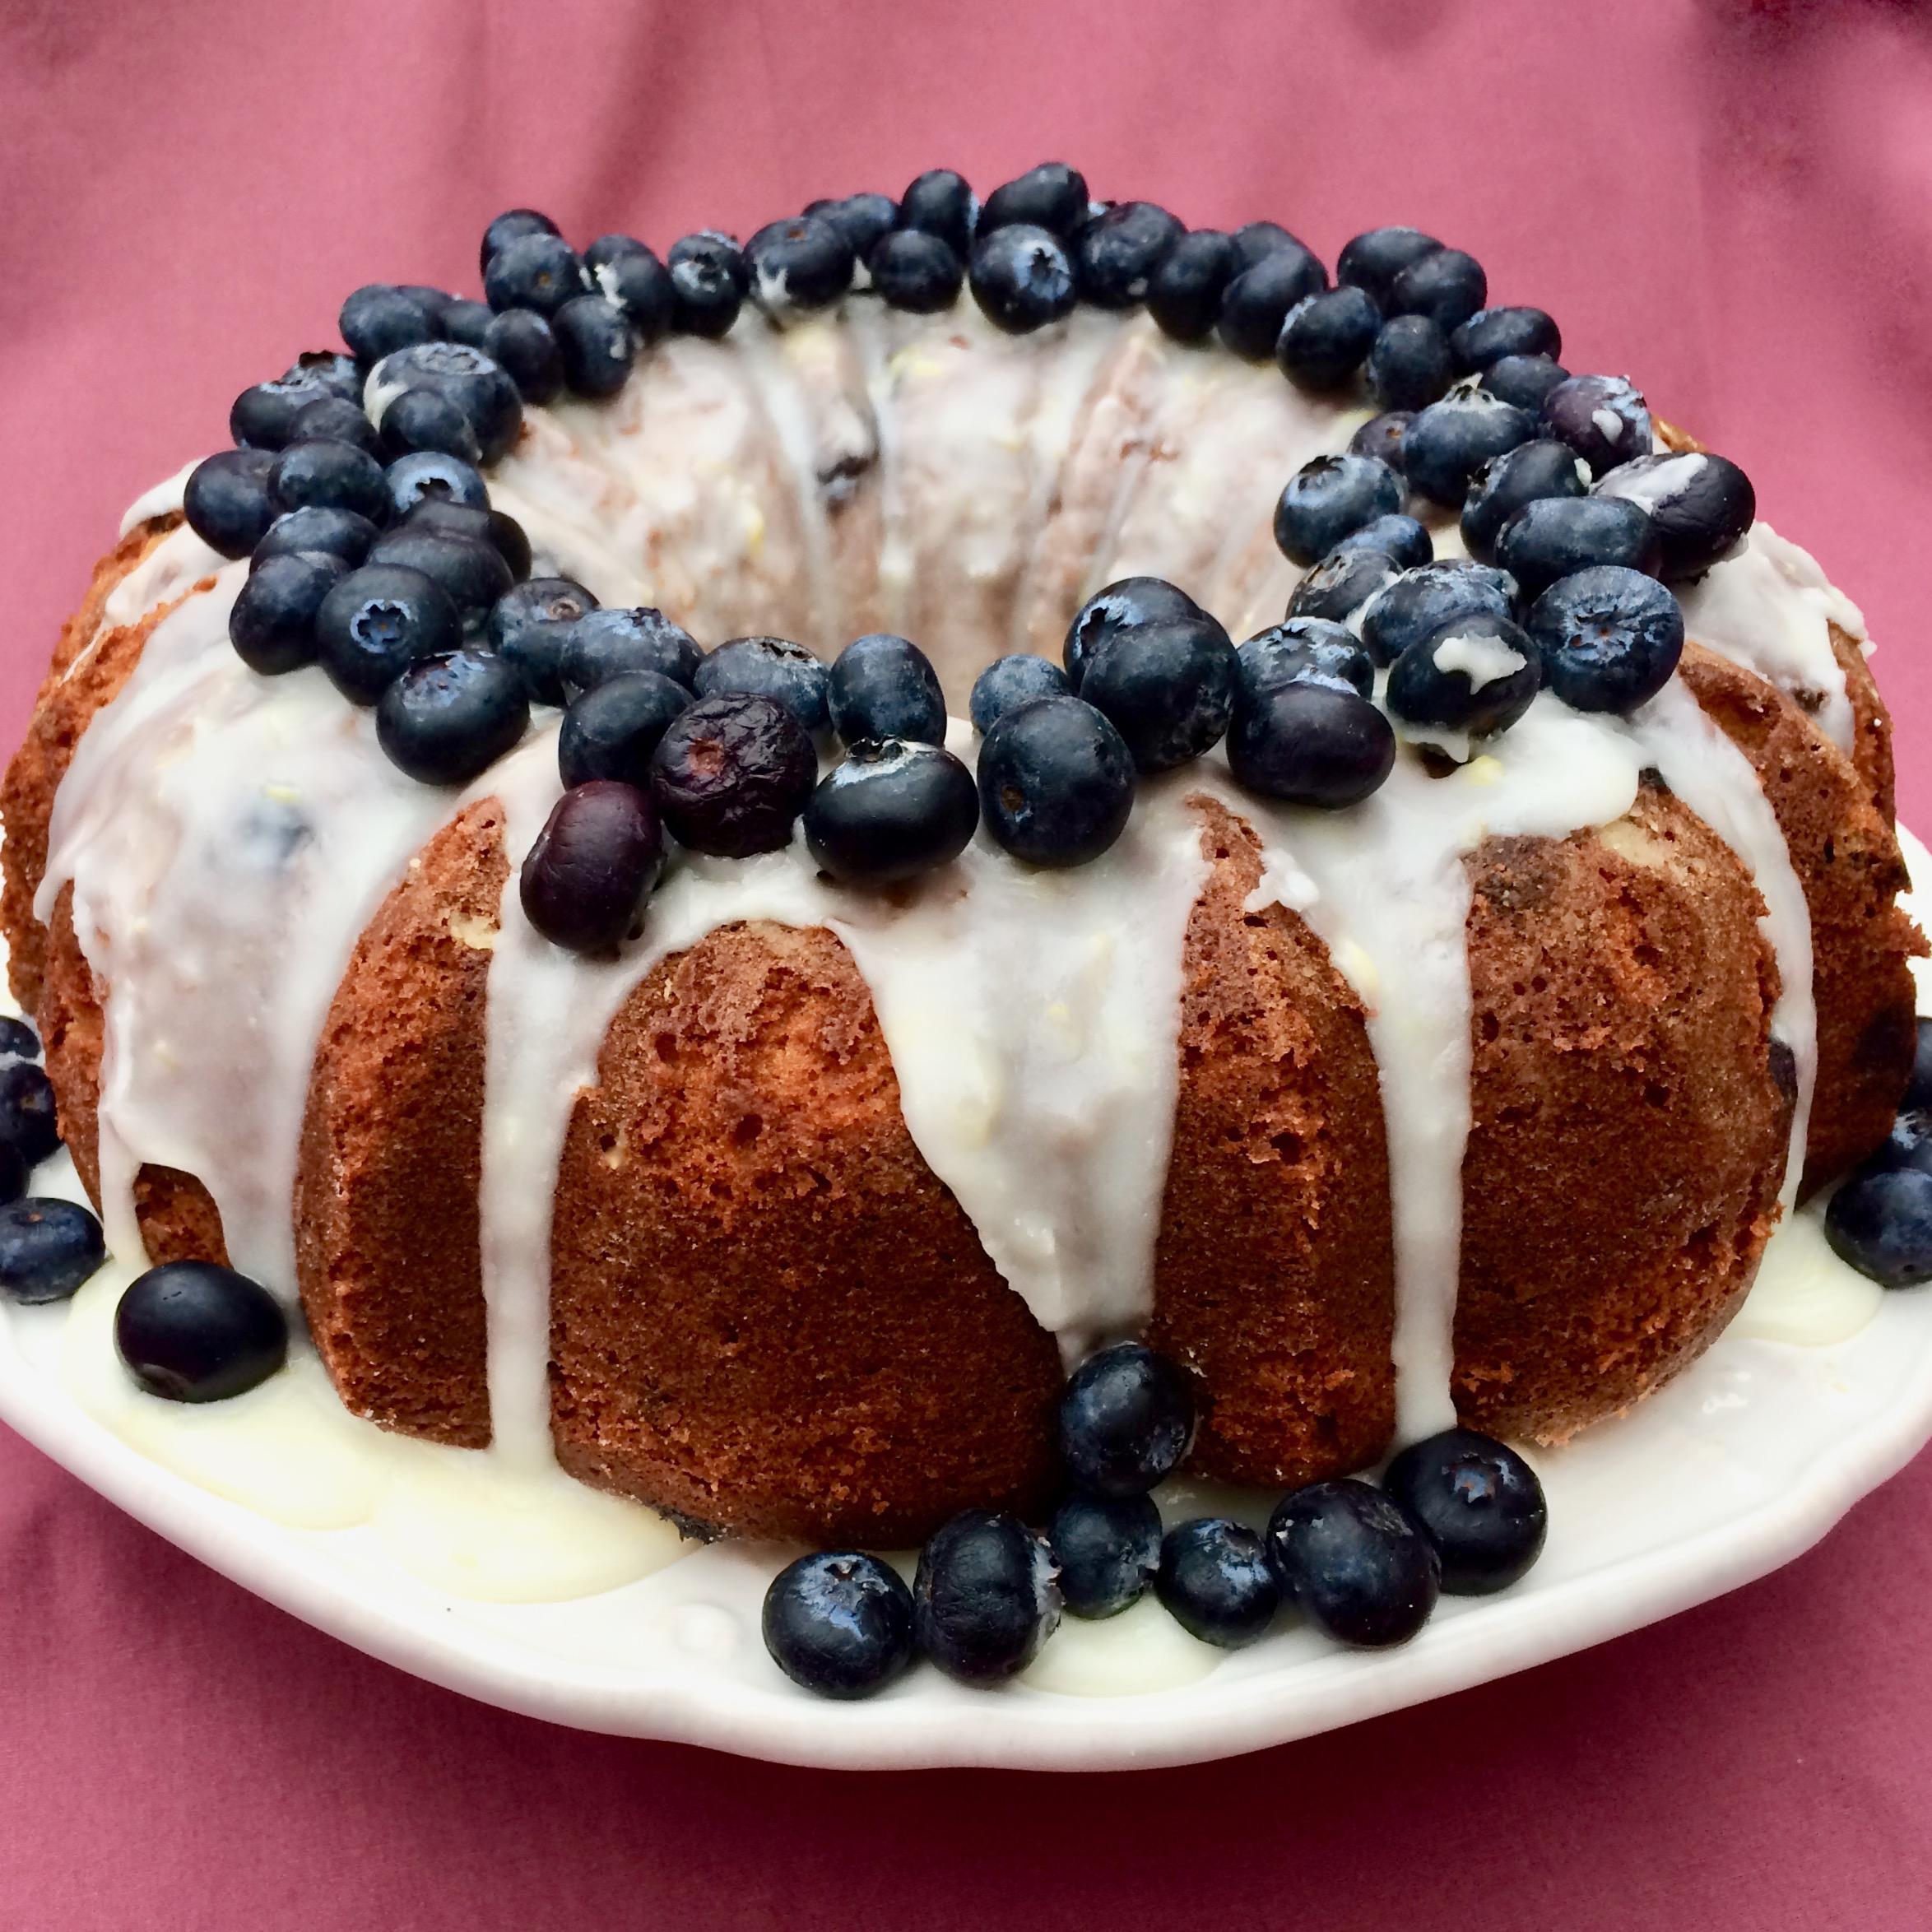 Lemon-Blueberry Bundt® Cake